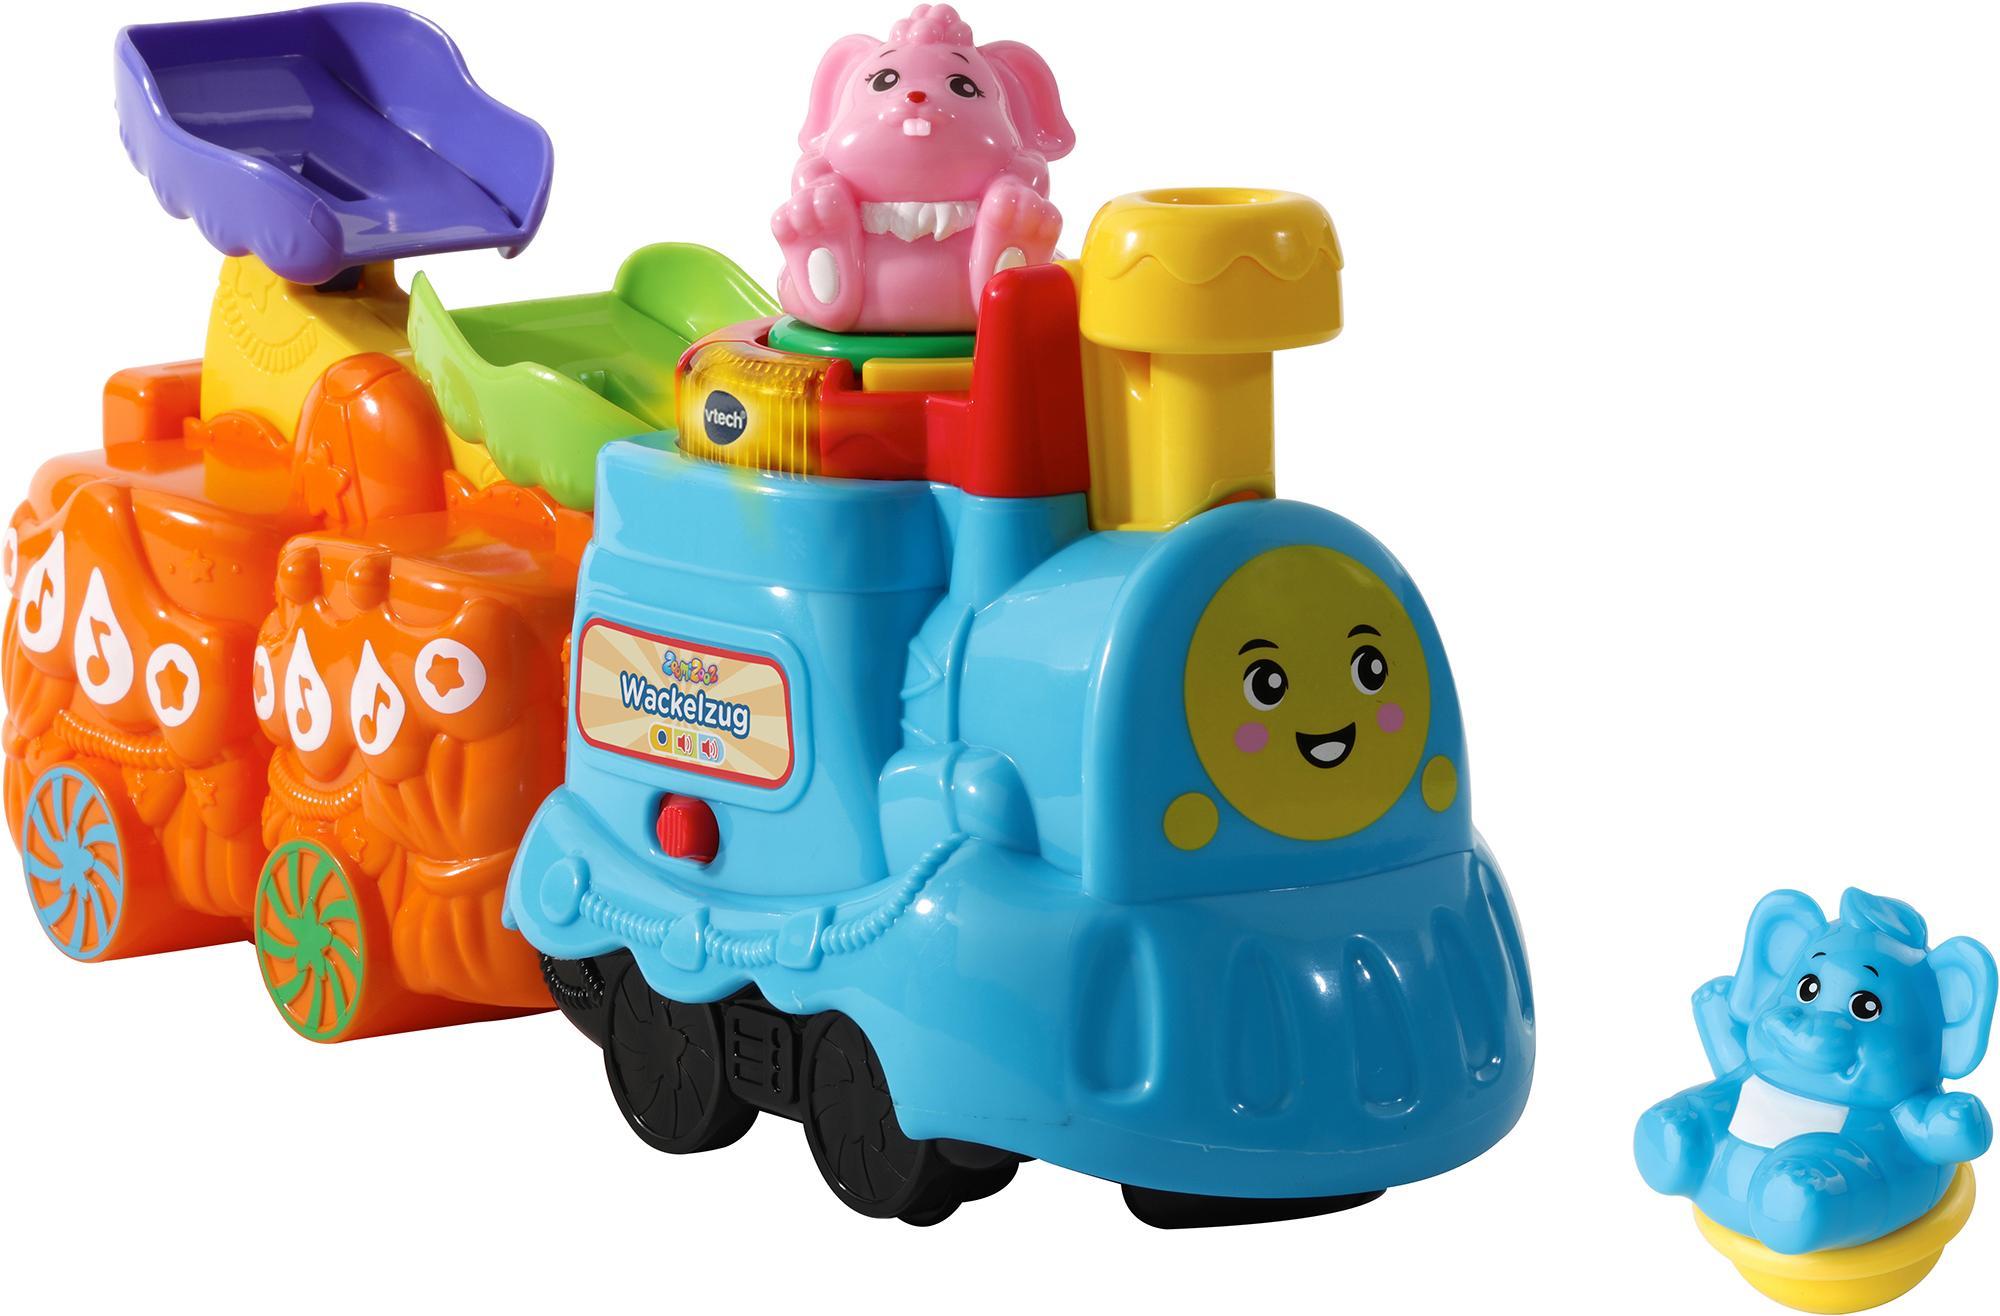 """Vtech Spielzeug-Eisenbahn """"ZoomiZooz - Wackelzug"""" Technik & Freizeit/Spielzeug/Altersempfehlung/Ab 12 Monaten"""